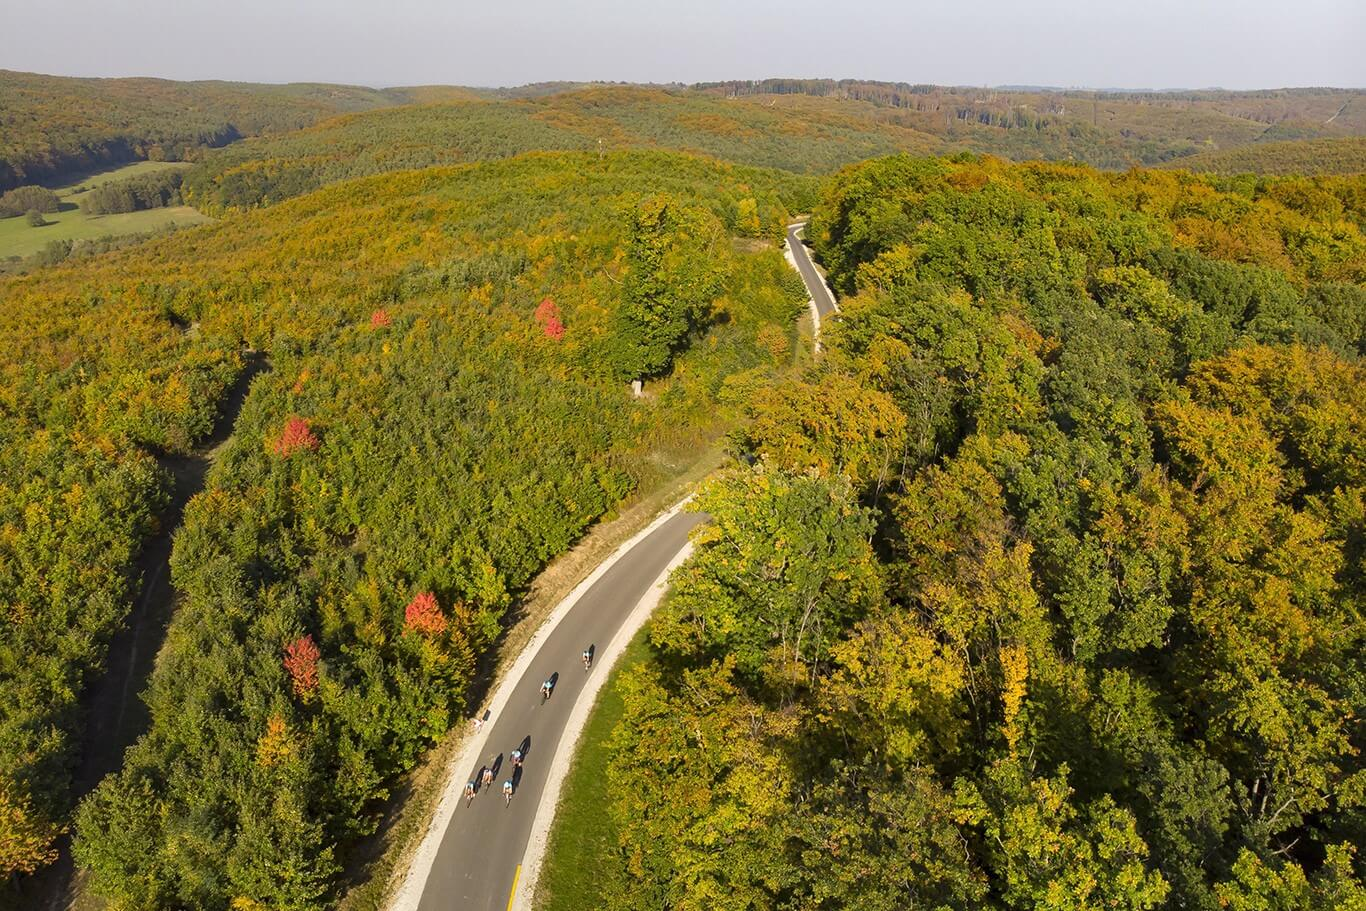 Erdészeti útból nyert 12 kilométeres bicikliutat a zalai térség